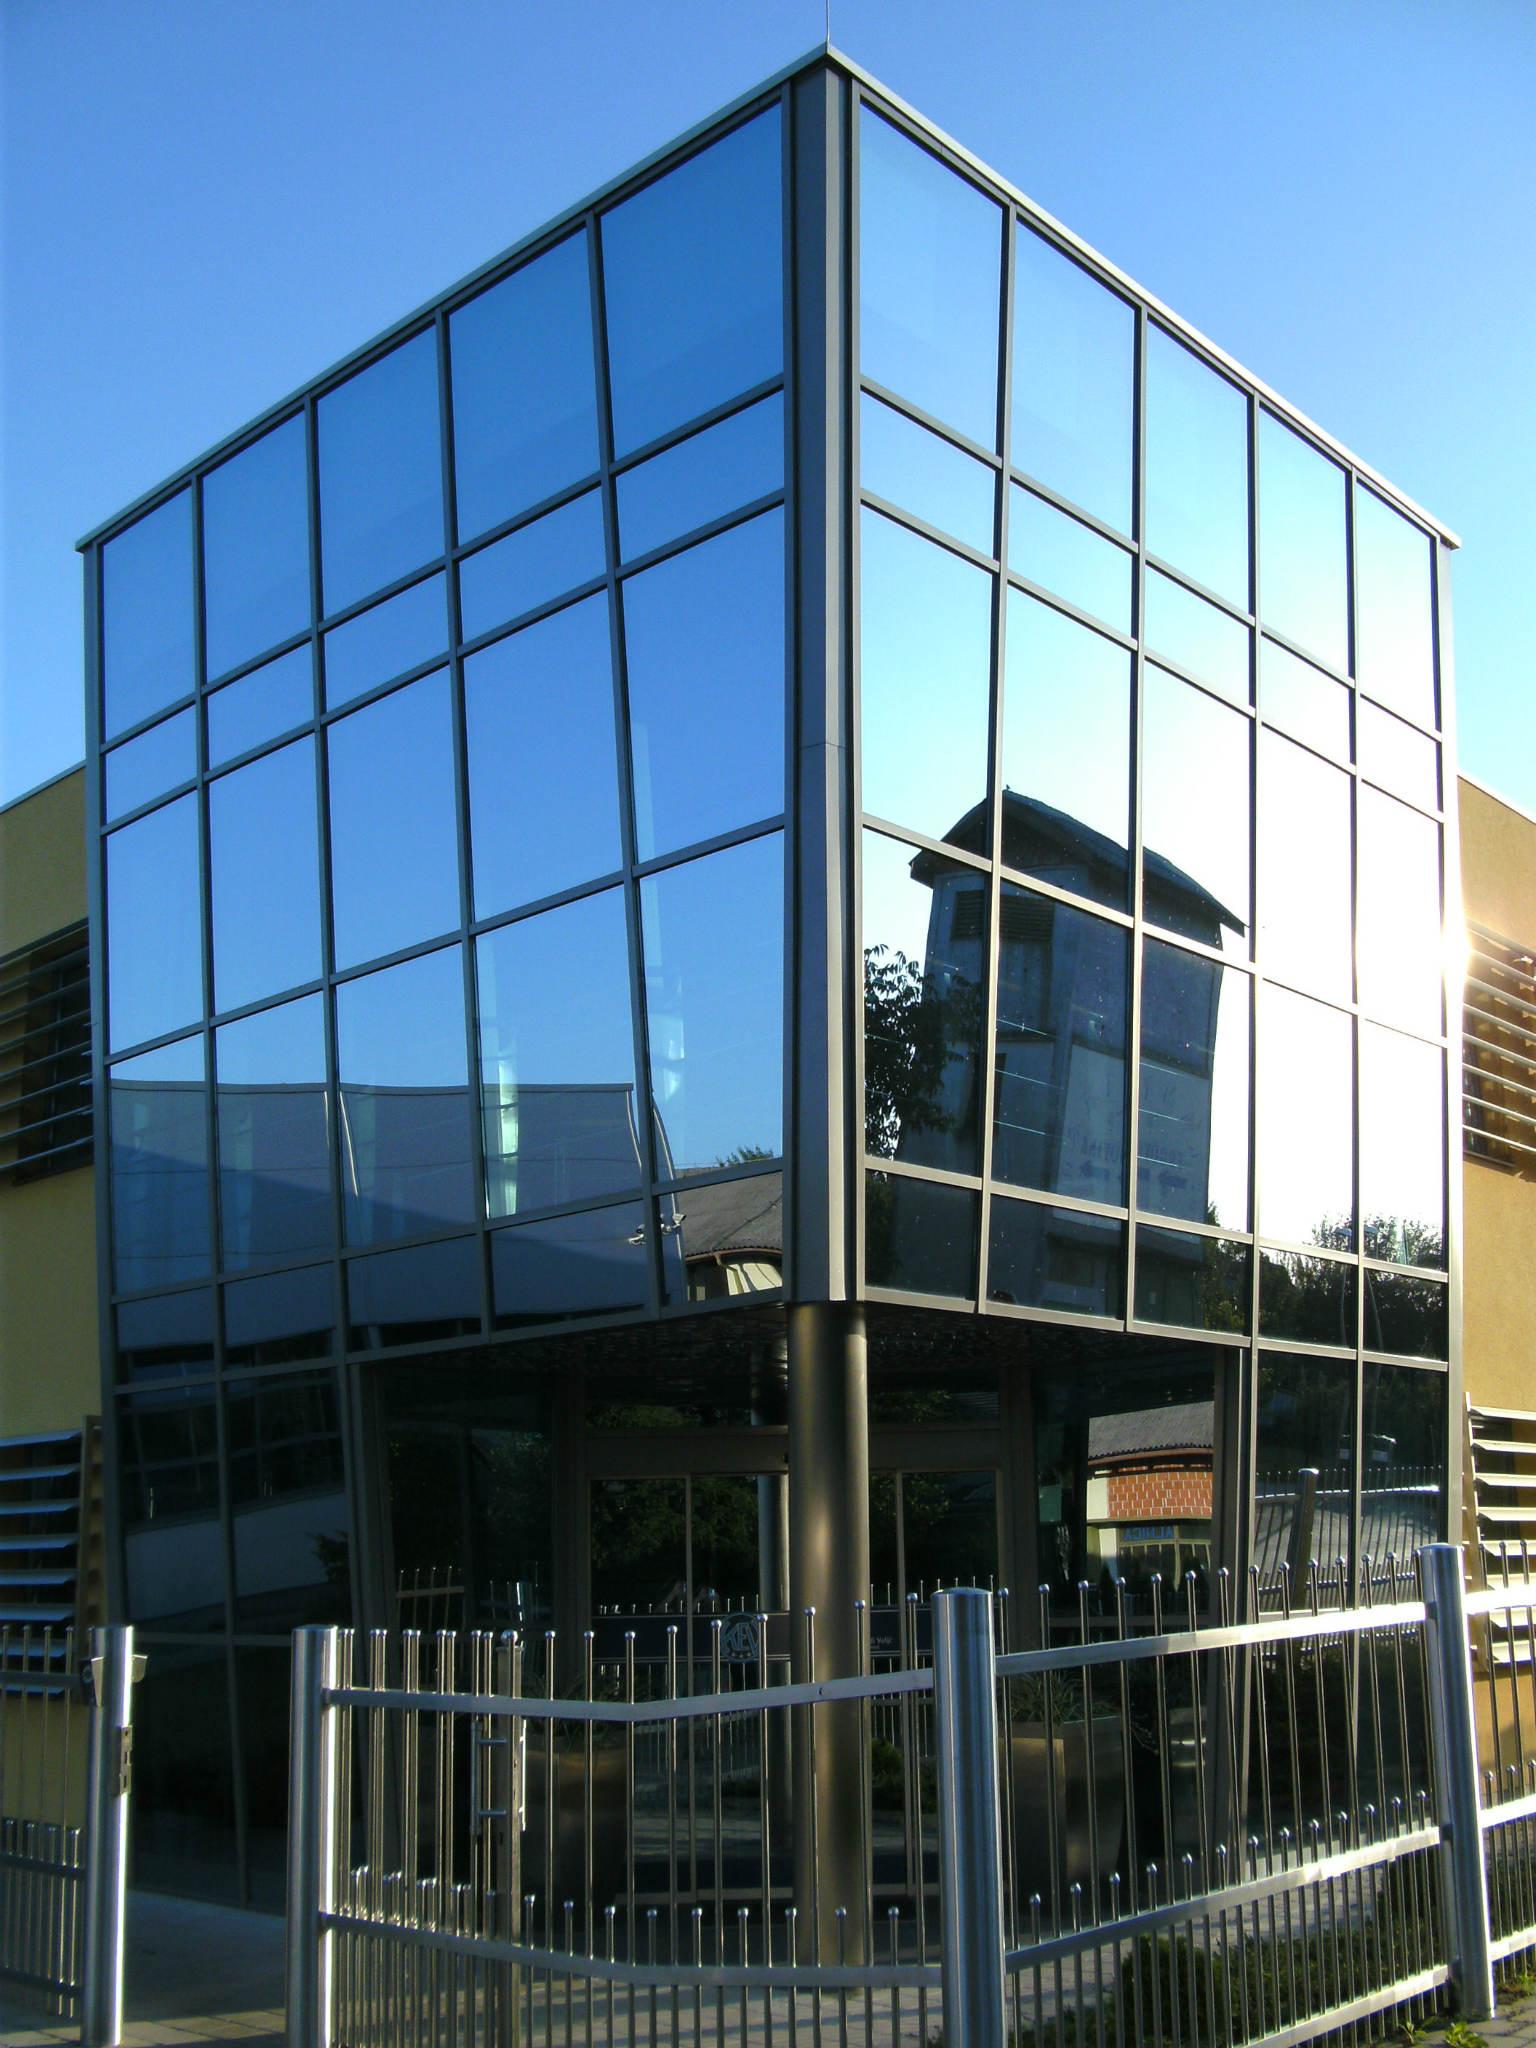 Podjetje KEV – kovinarstvo Edi Voljč praznuje 50 let delovanja